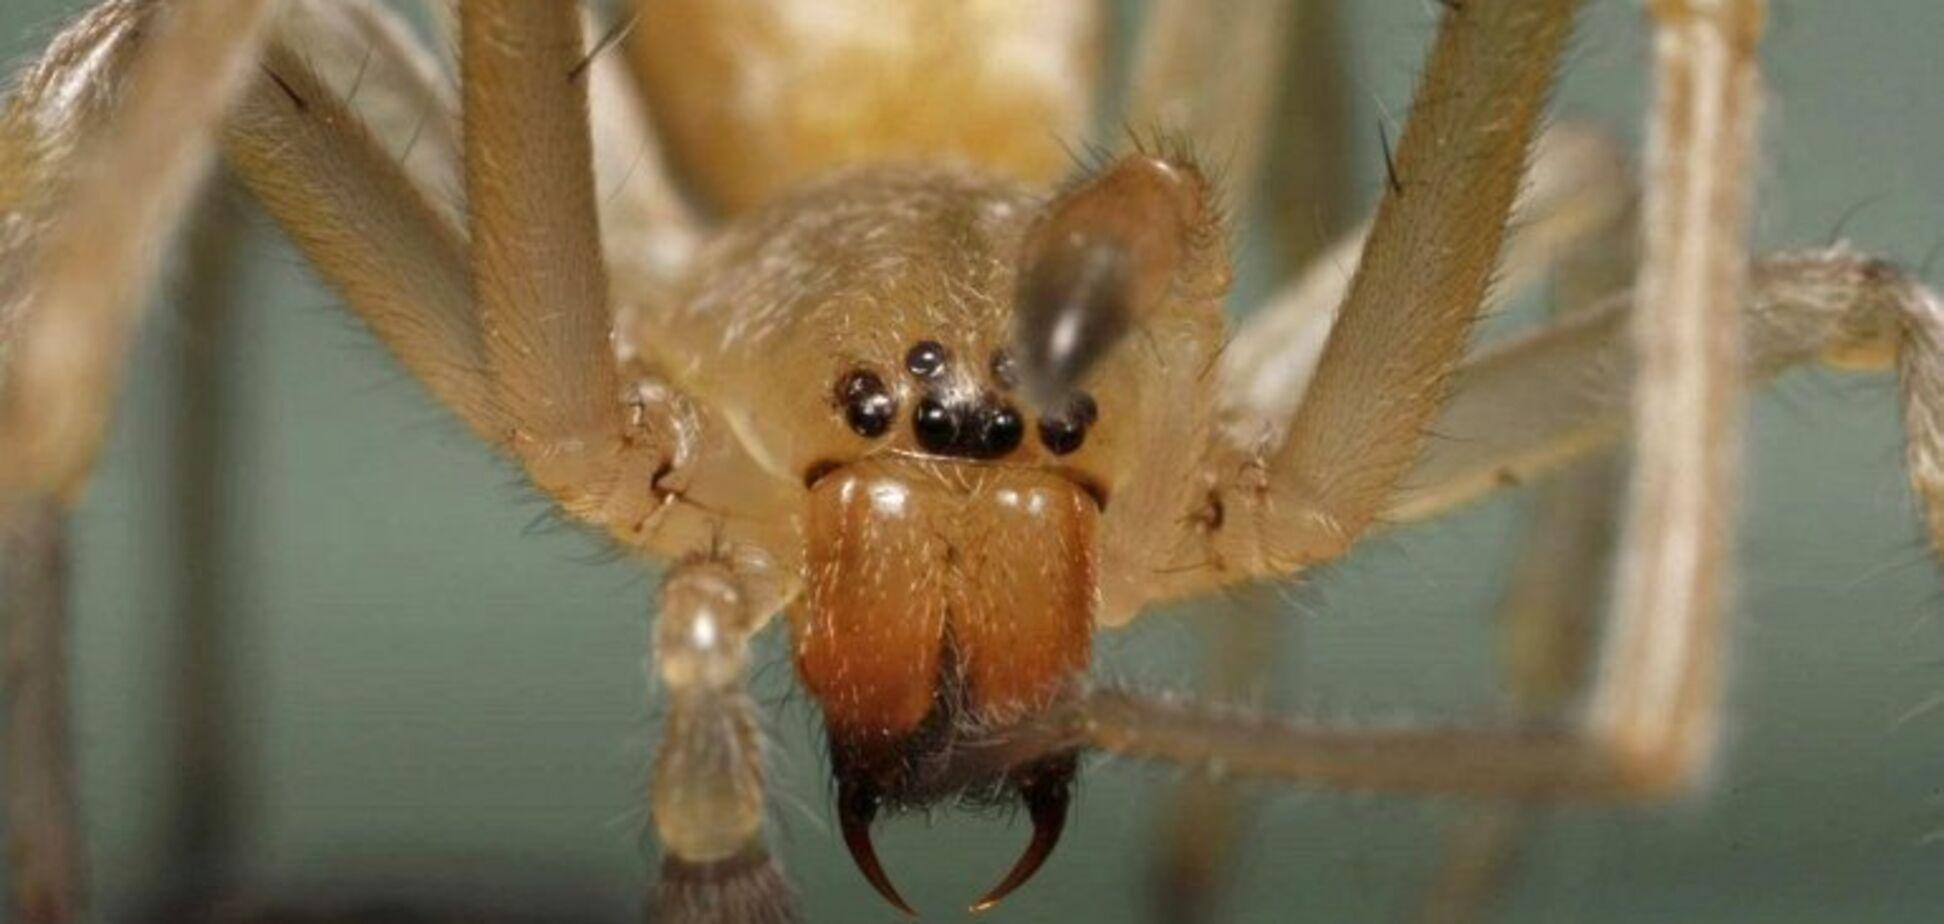 В Україні з'явився отруйний павук: як уберегтися і що робити з укусом